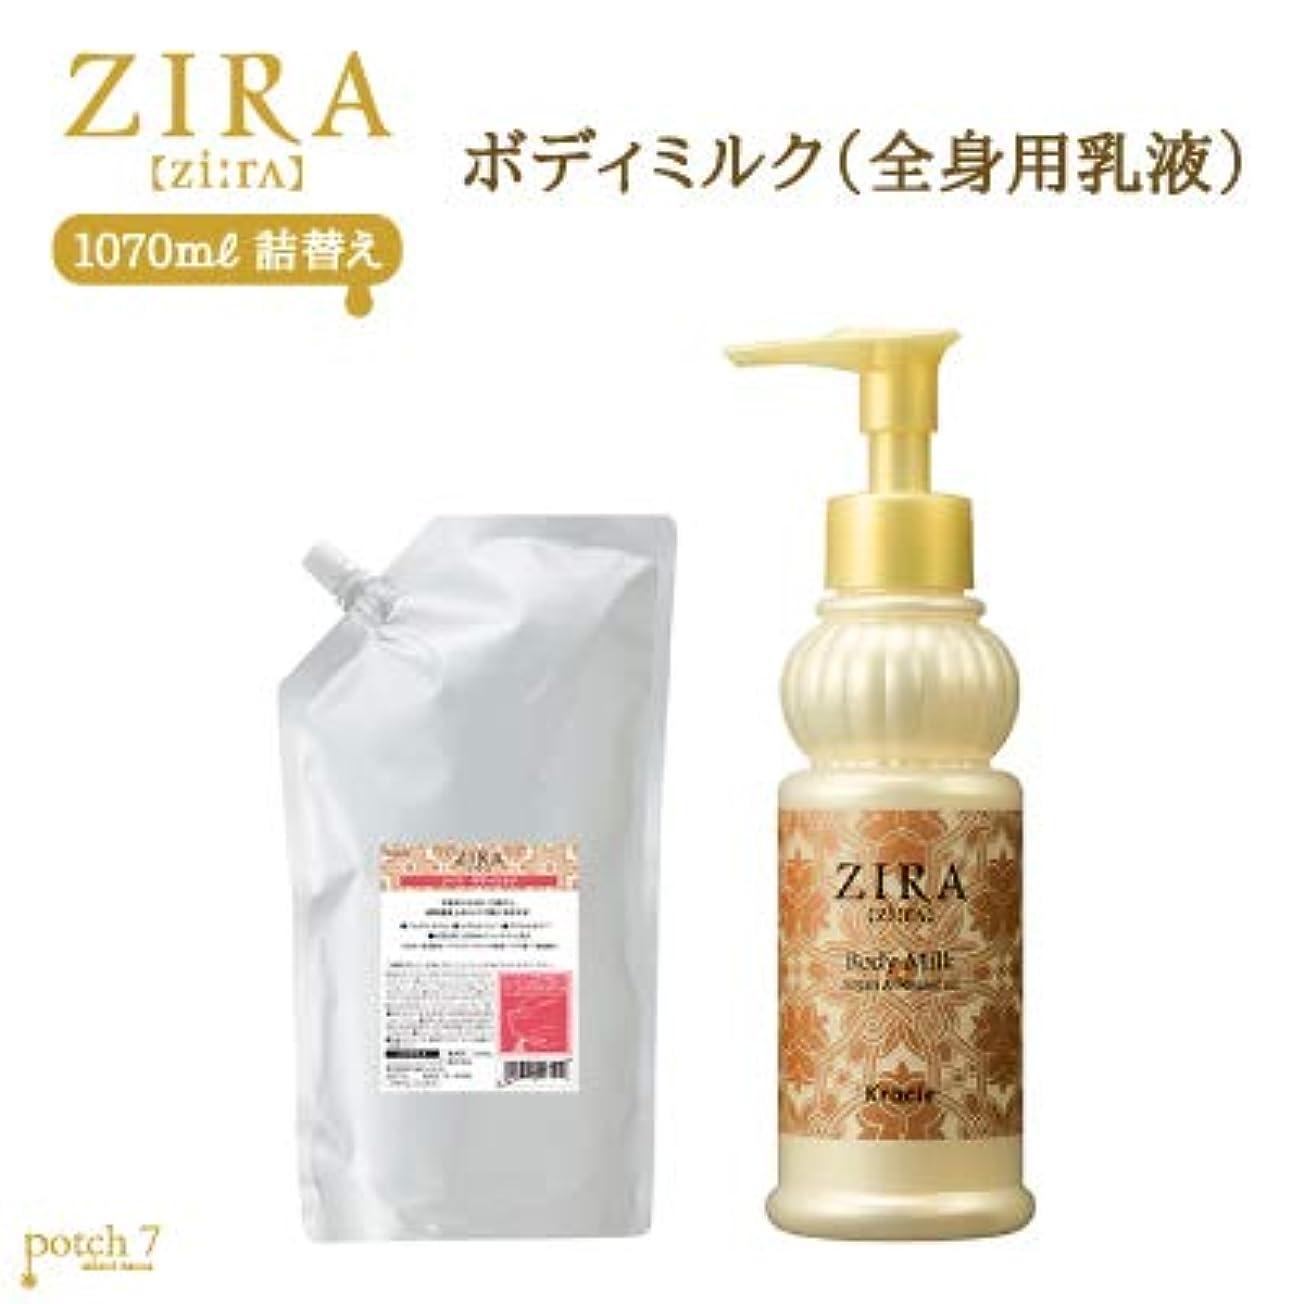 破裂質素な文kracie(クラシエ) ZIRA ジーラ ボディミルク 乳液 1070ml 業務用サイズ 詰替え 150ml×1本